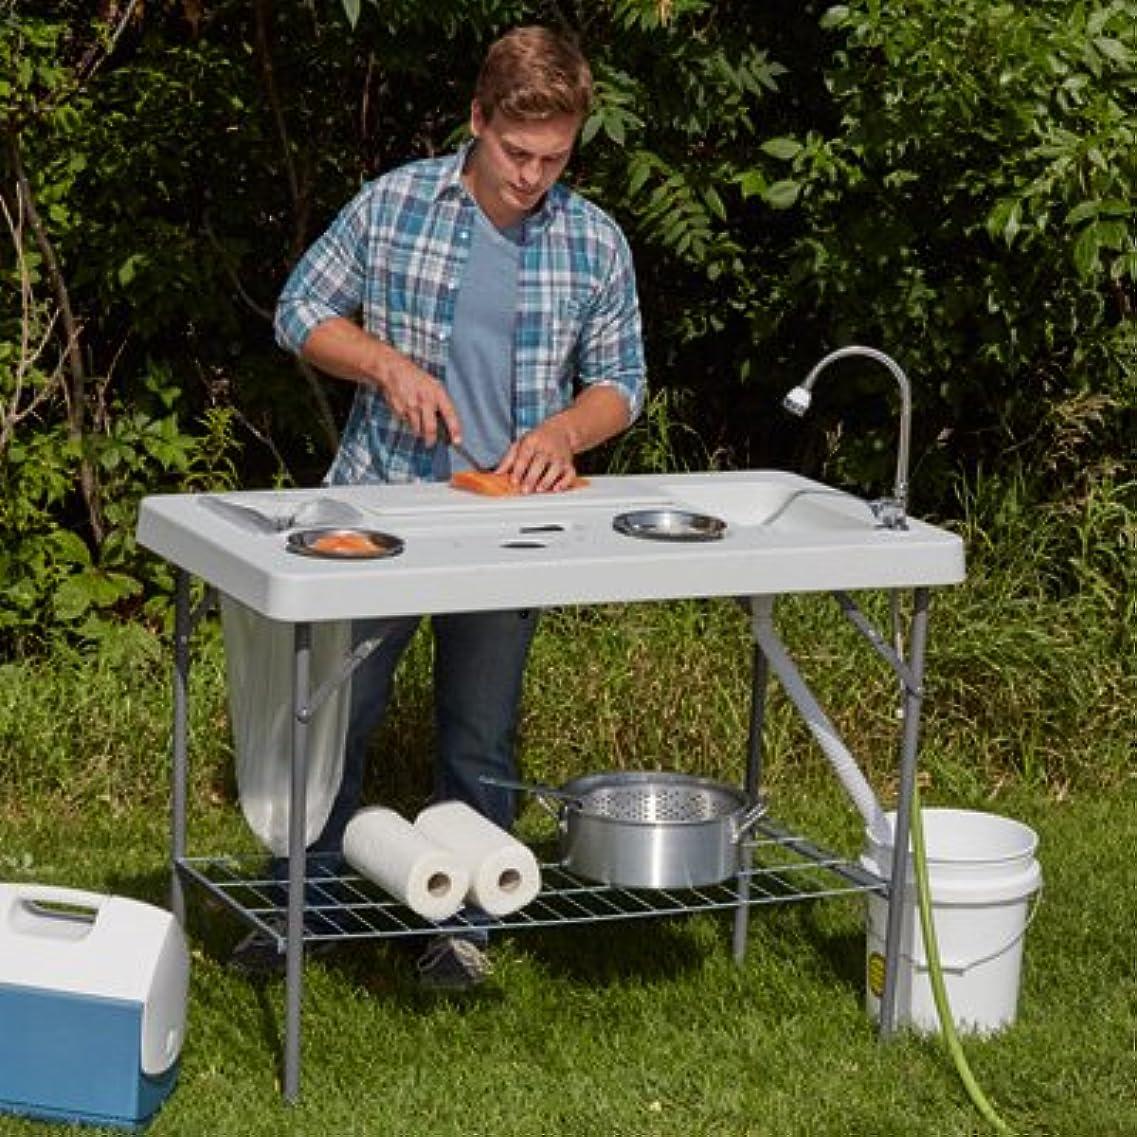 浸漬コンチネンタル天デラックス 魚 クリーニング キャンプ テーブル フレキシブル 蛇口付き